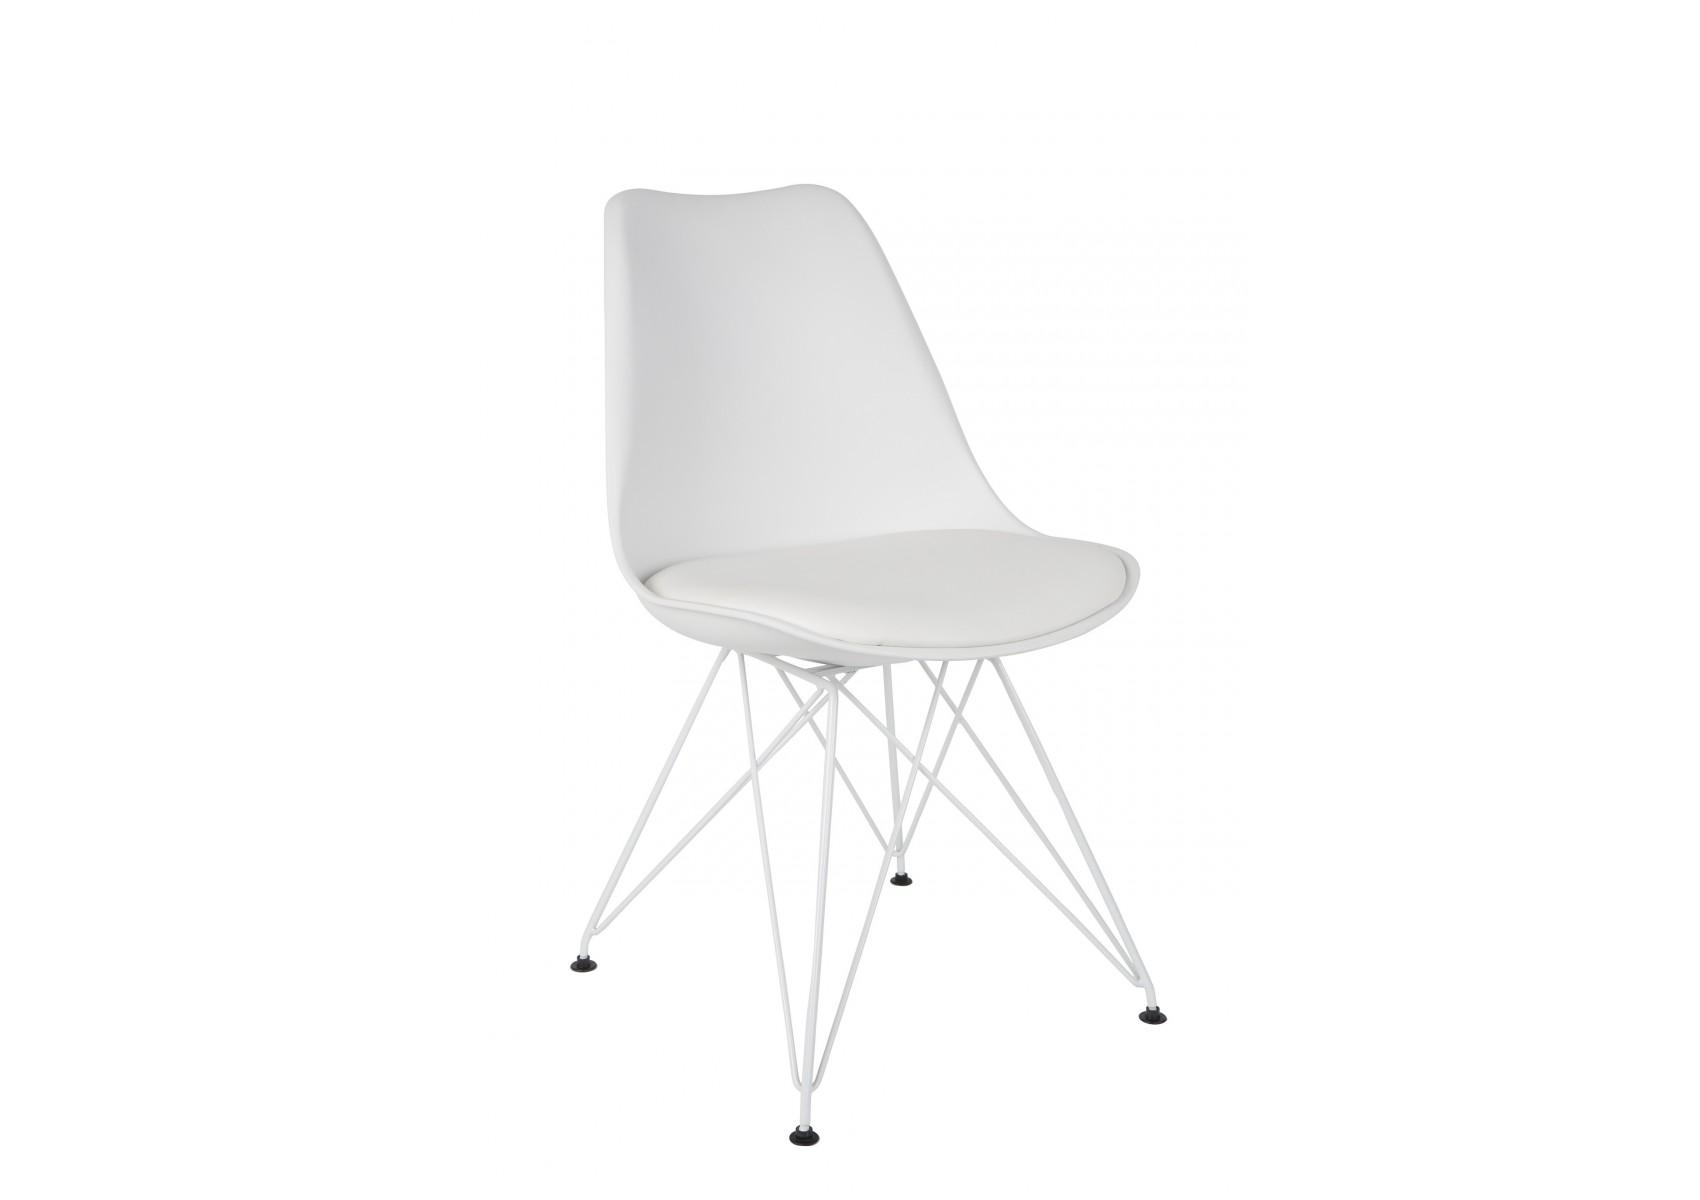 chaises design et contemporaine ozzy avec pied m tal en lot de deux. Black Bedroom Furniture Sets. Home Design Ideas